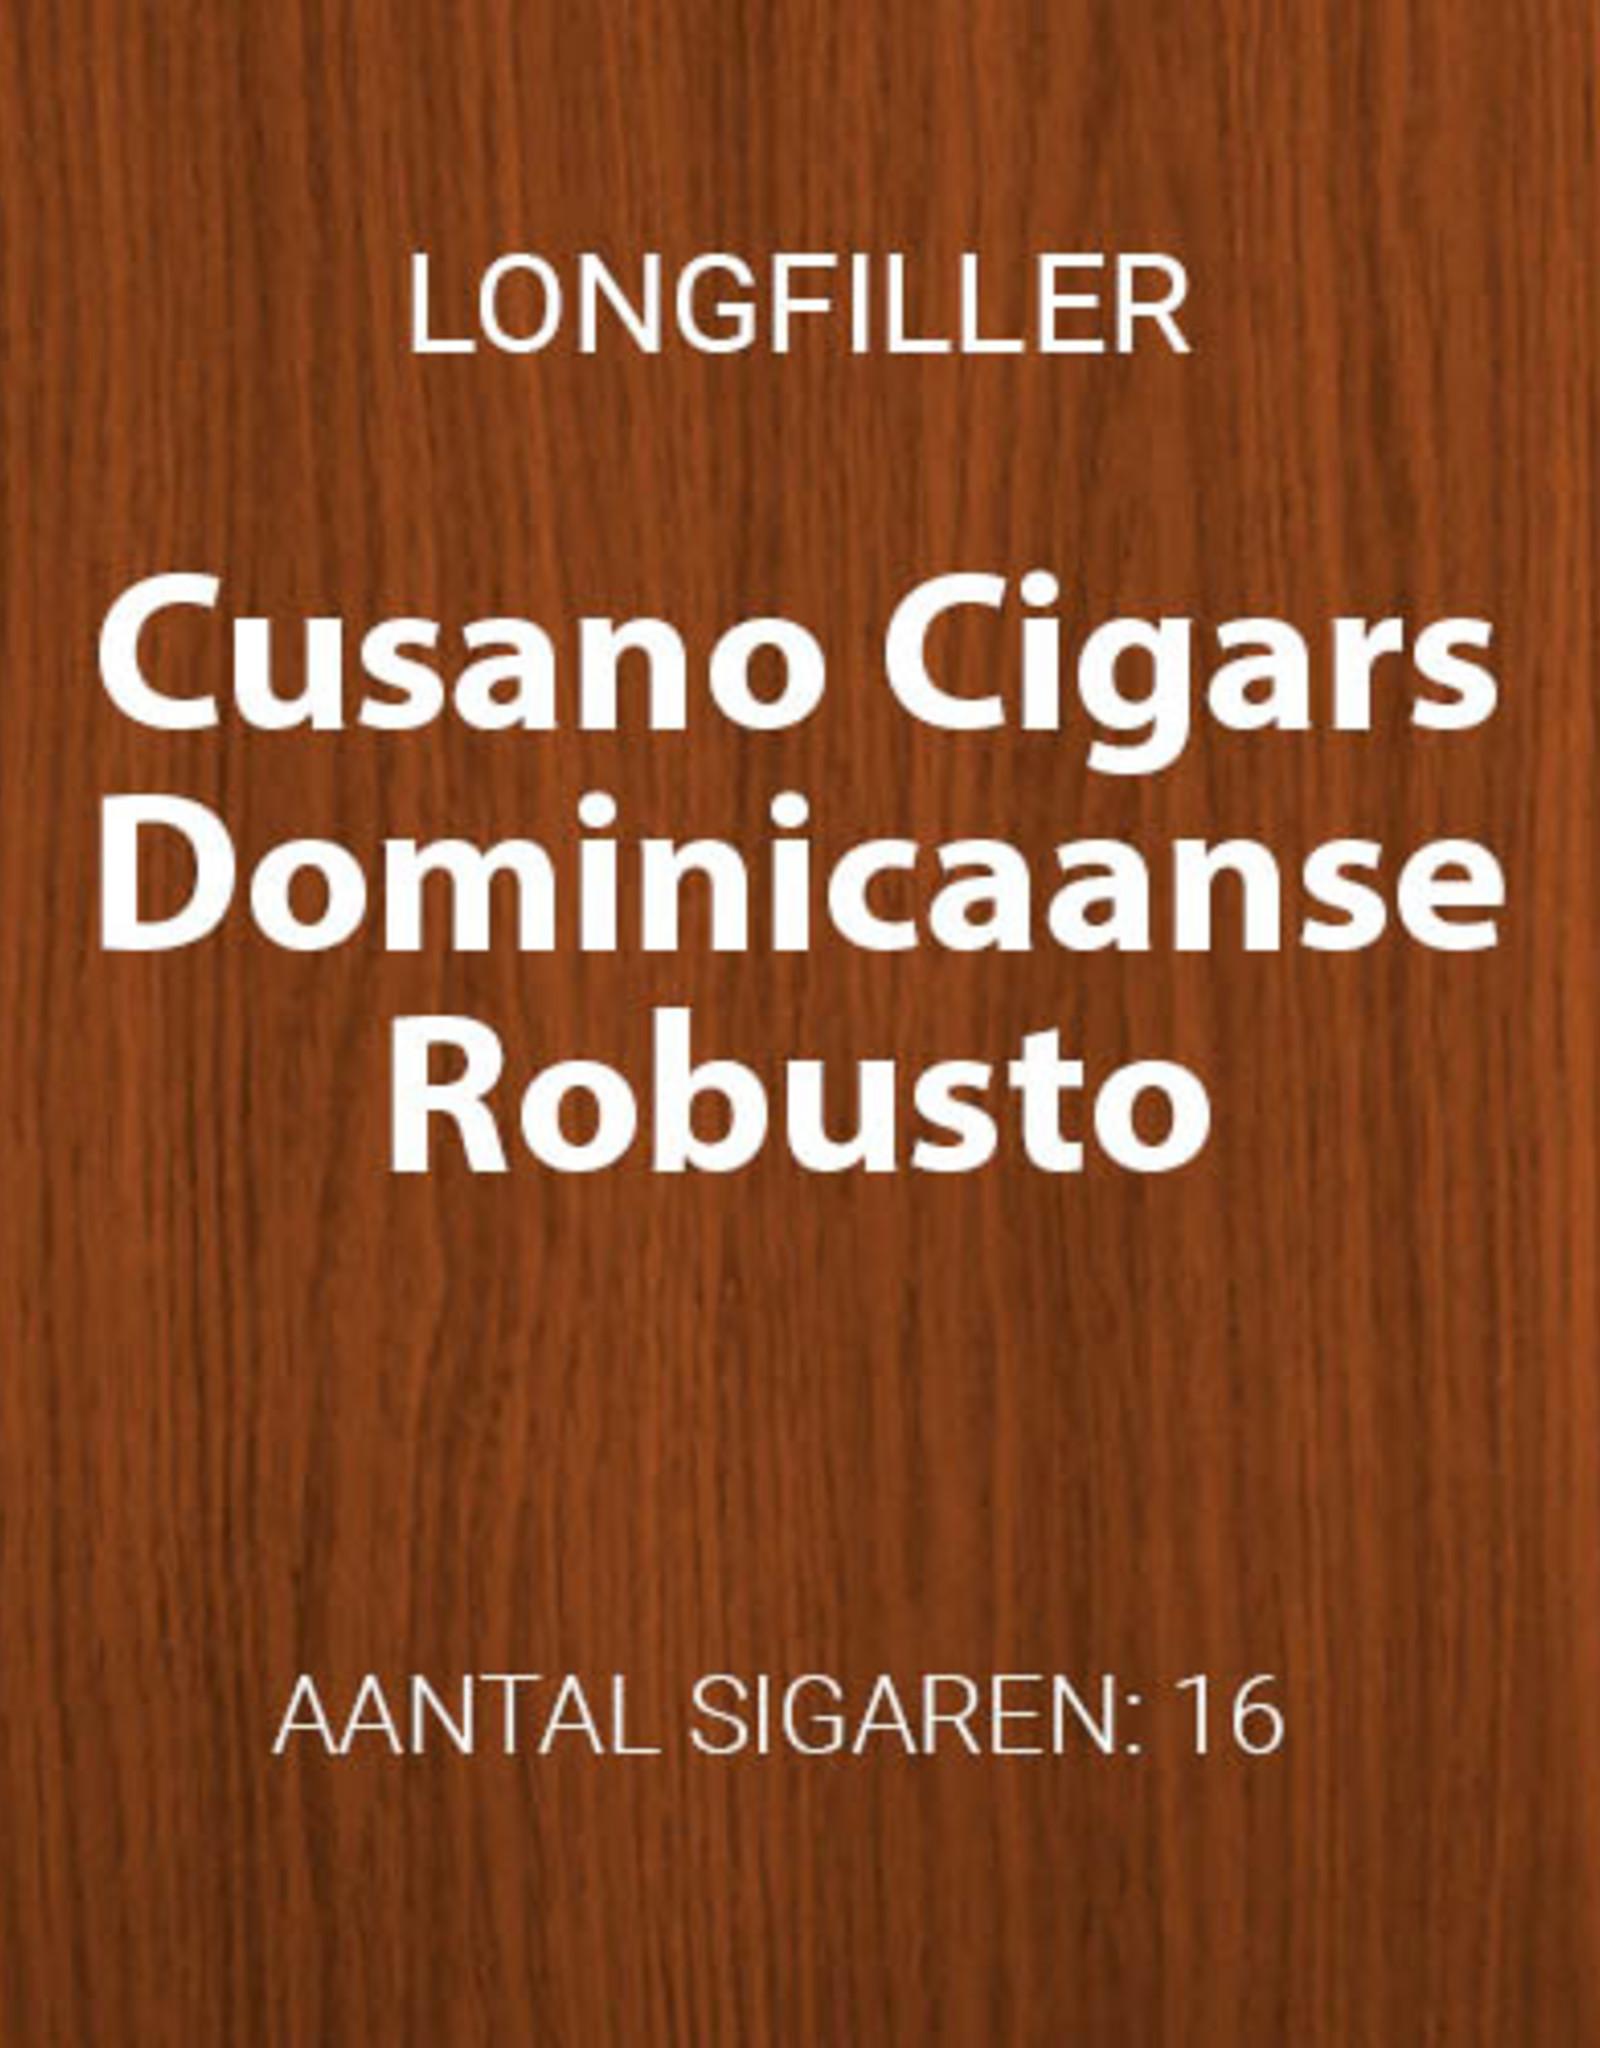 Cusano Dominicaanse Robusto